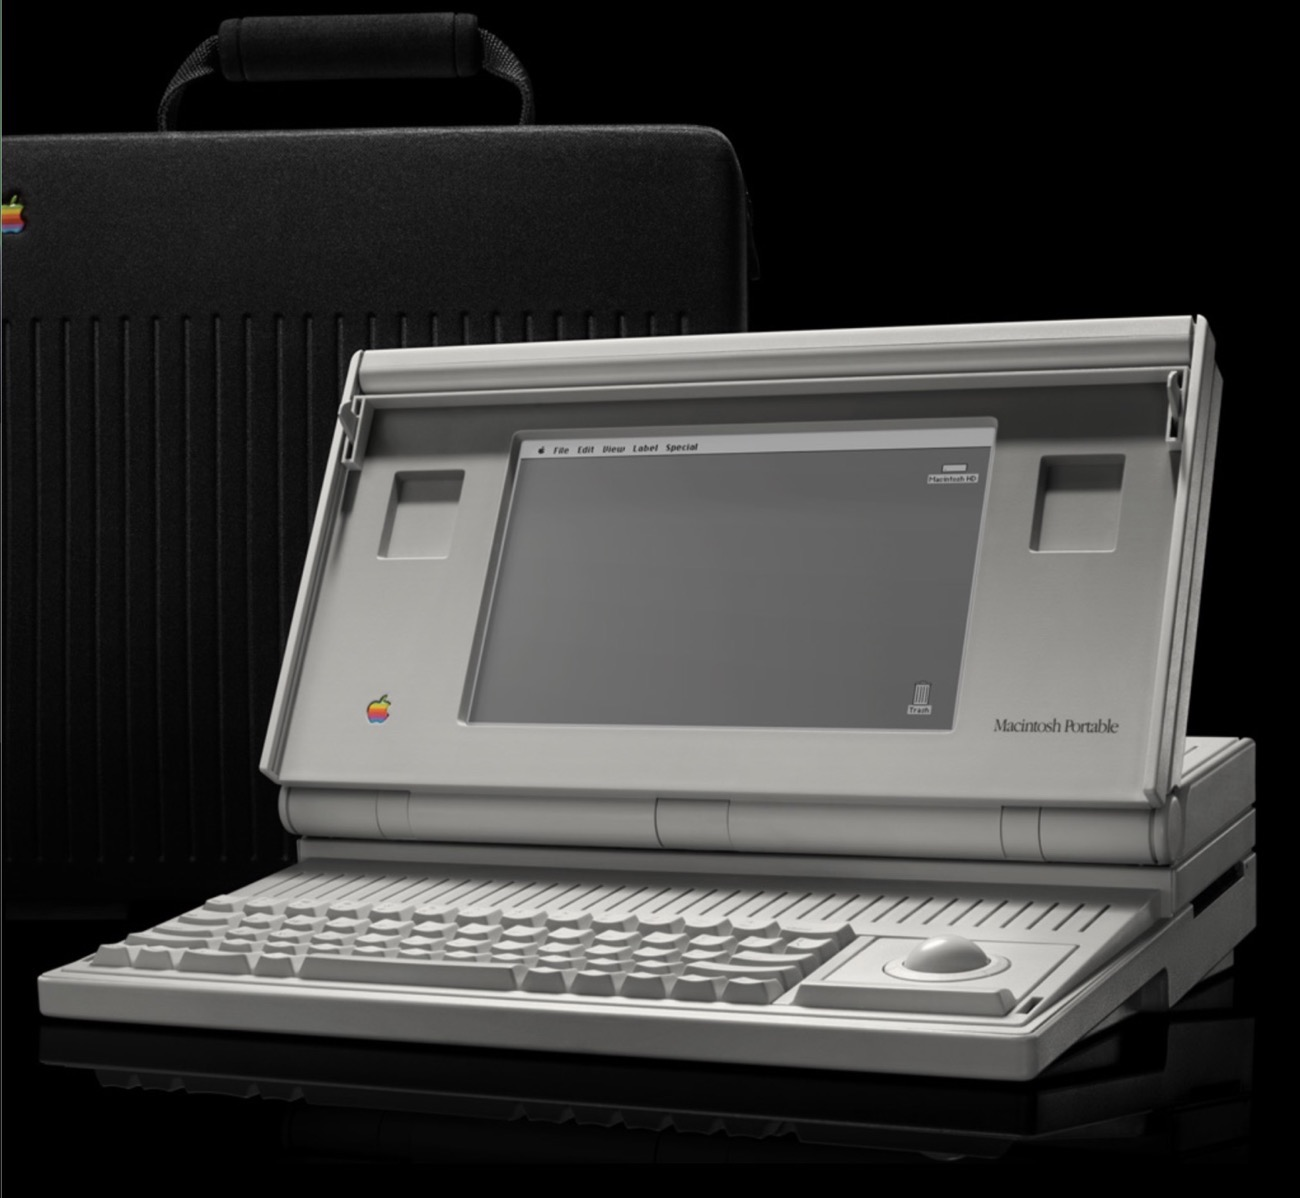 Apple Macintoch Portable